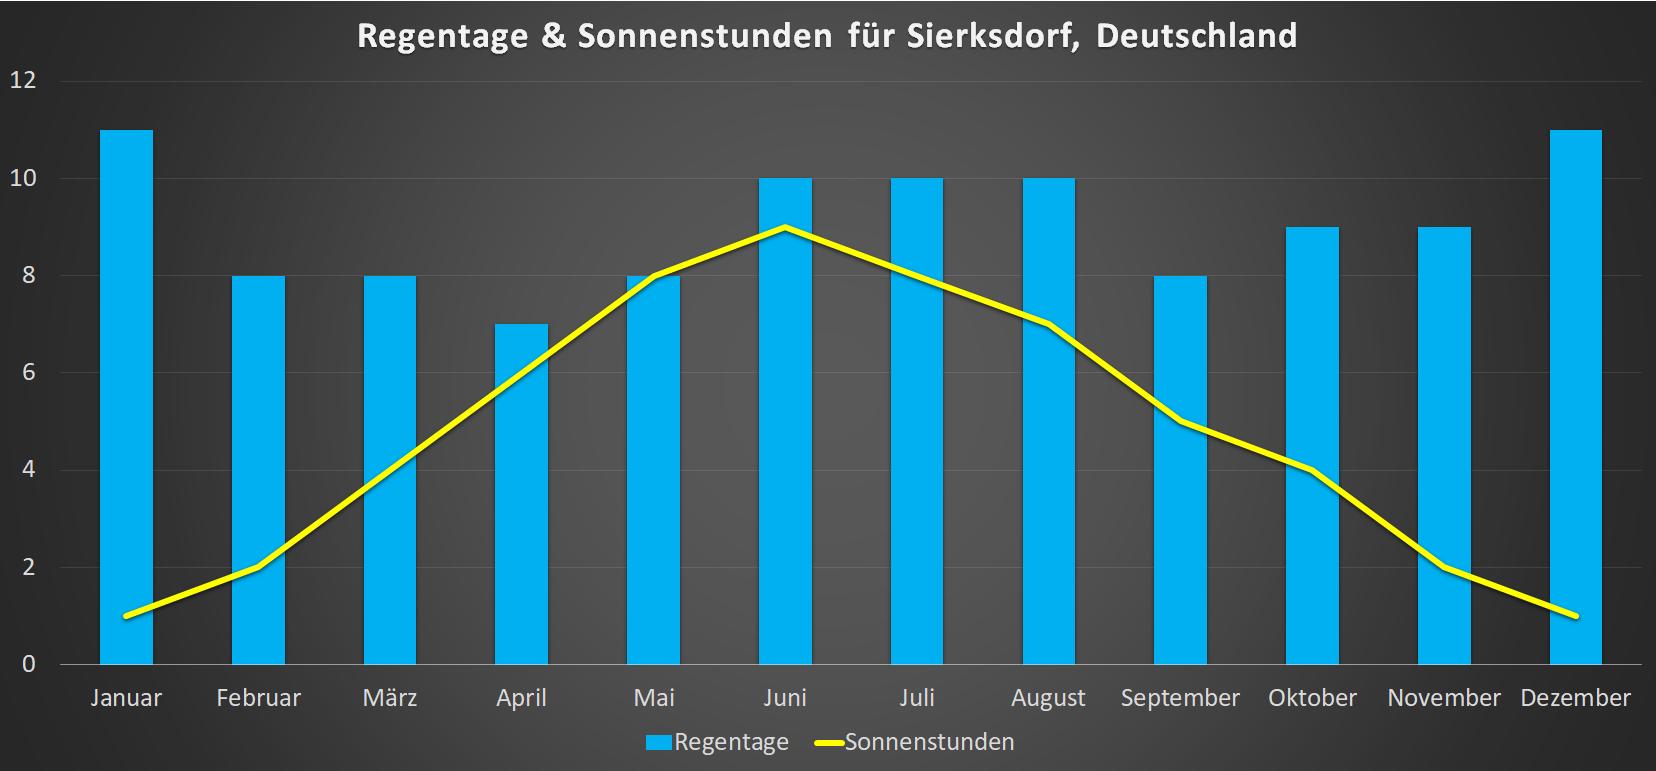 Regentage & Sonnenstunden für Sierksdorf im Jahresverlauf